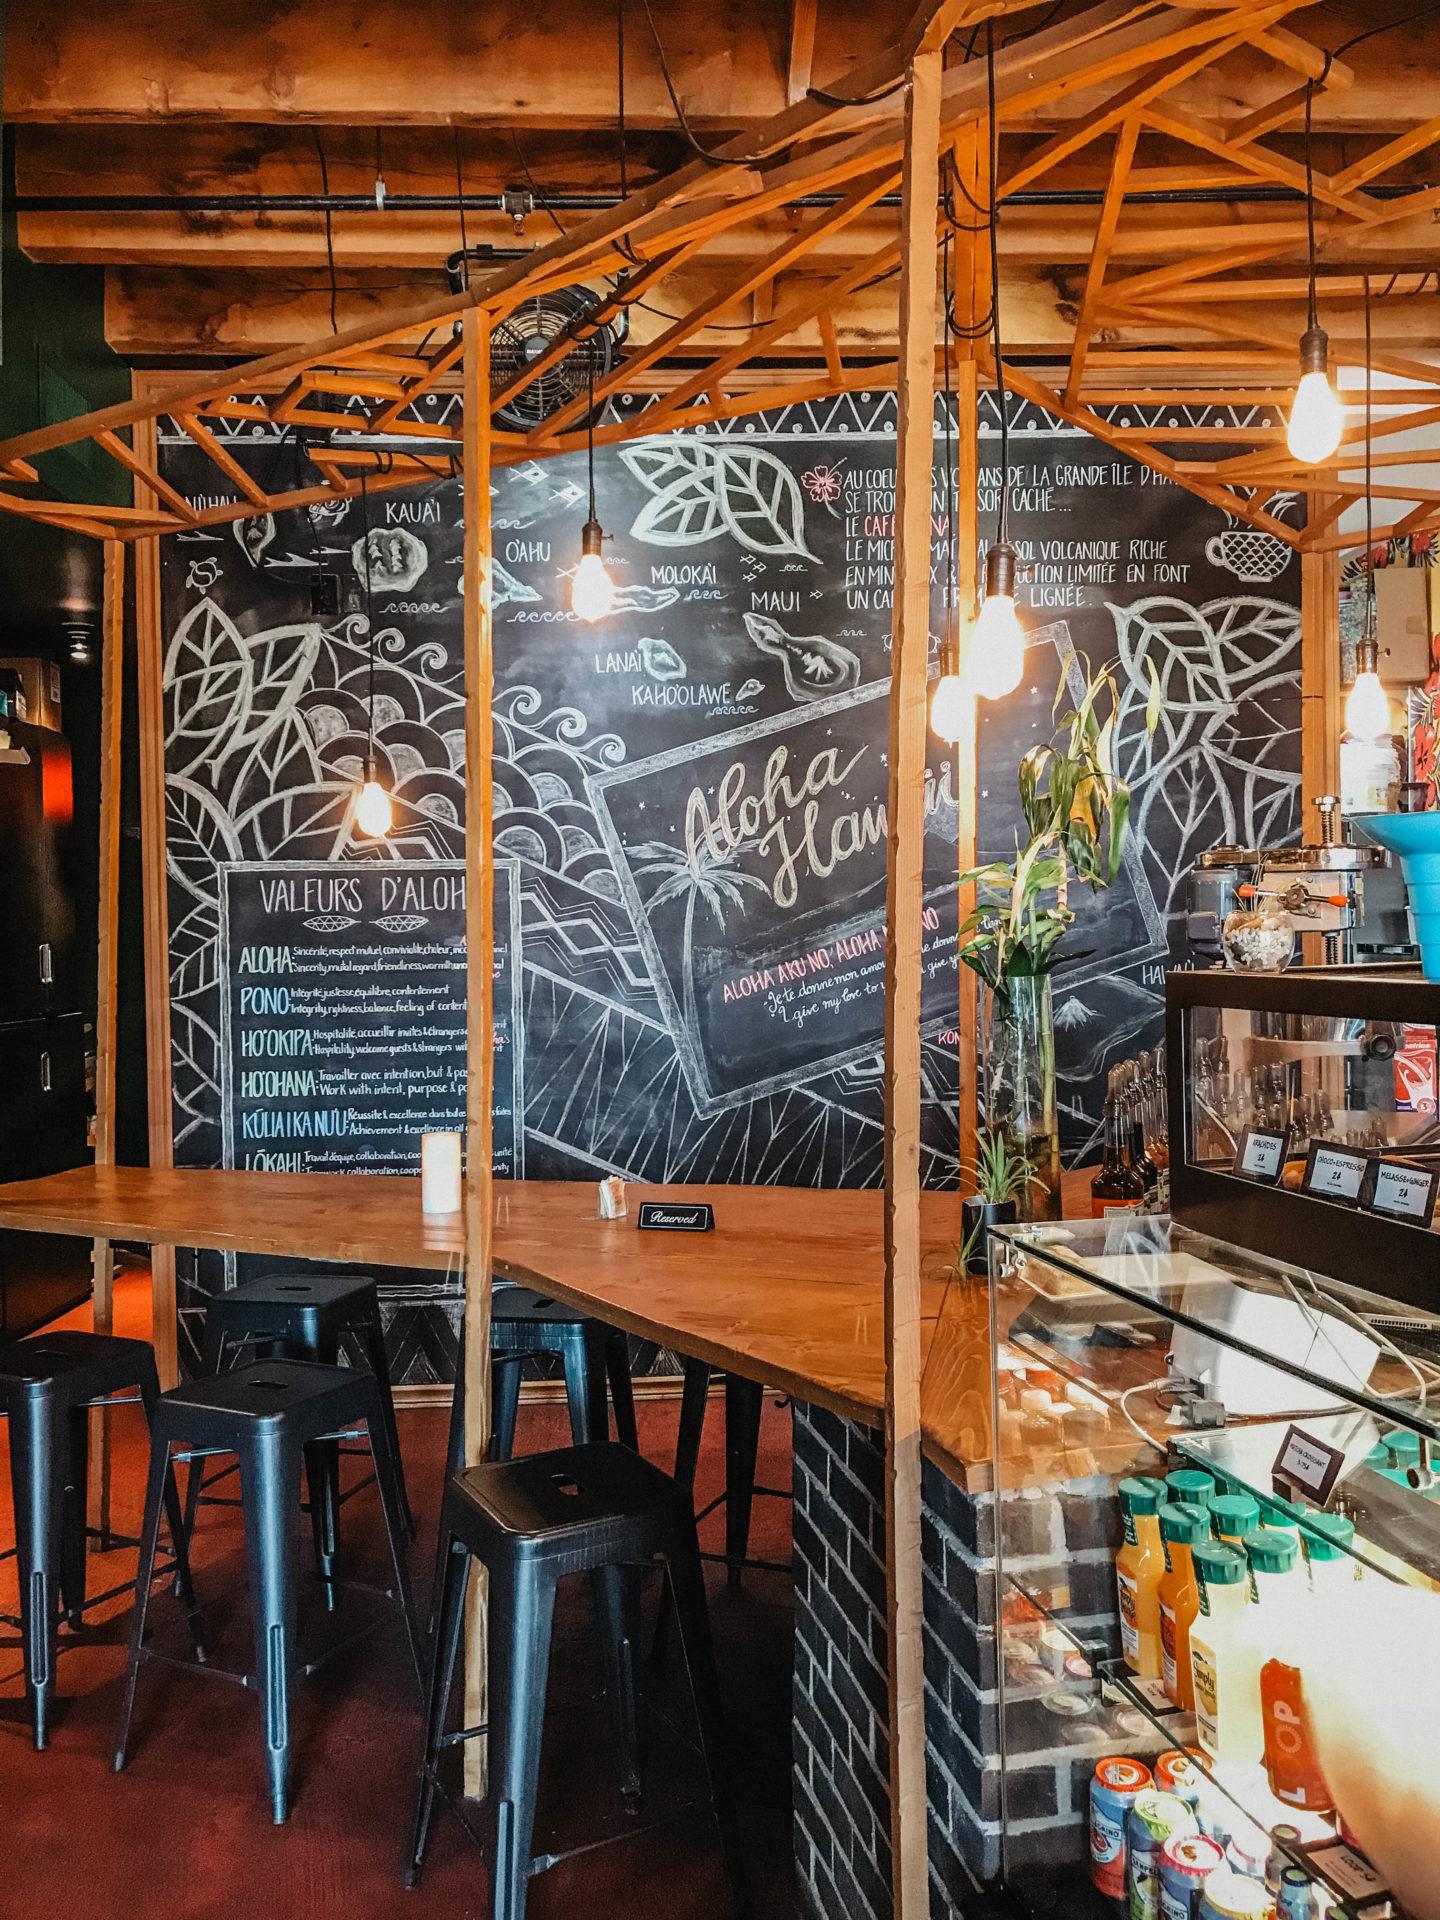 Aloha espresso bar Vieux Port Montréal marie and mood